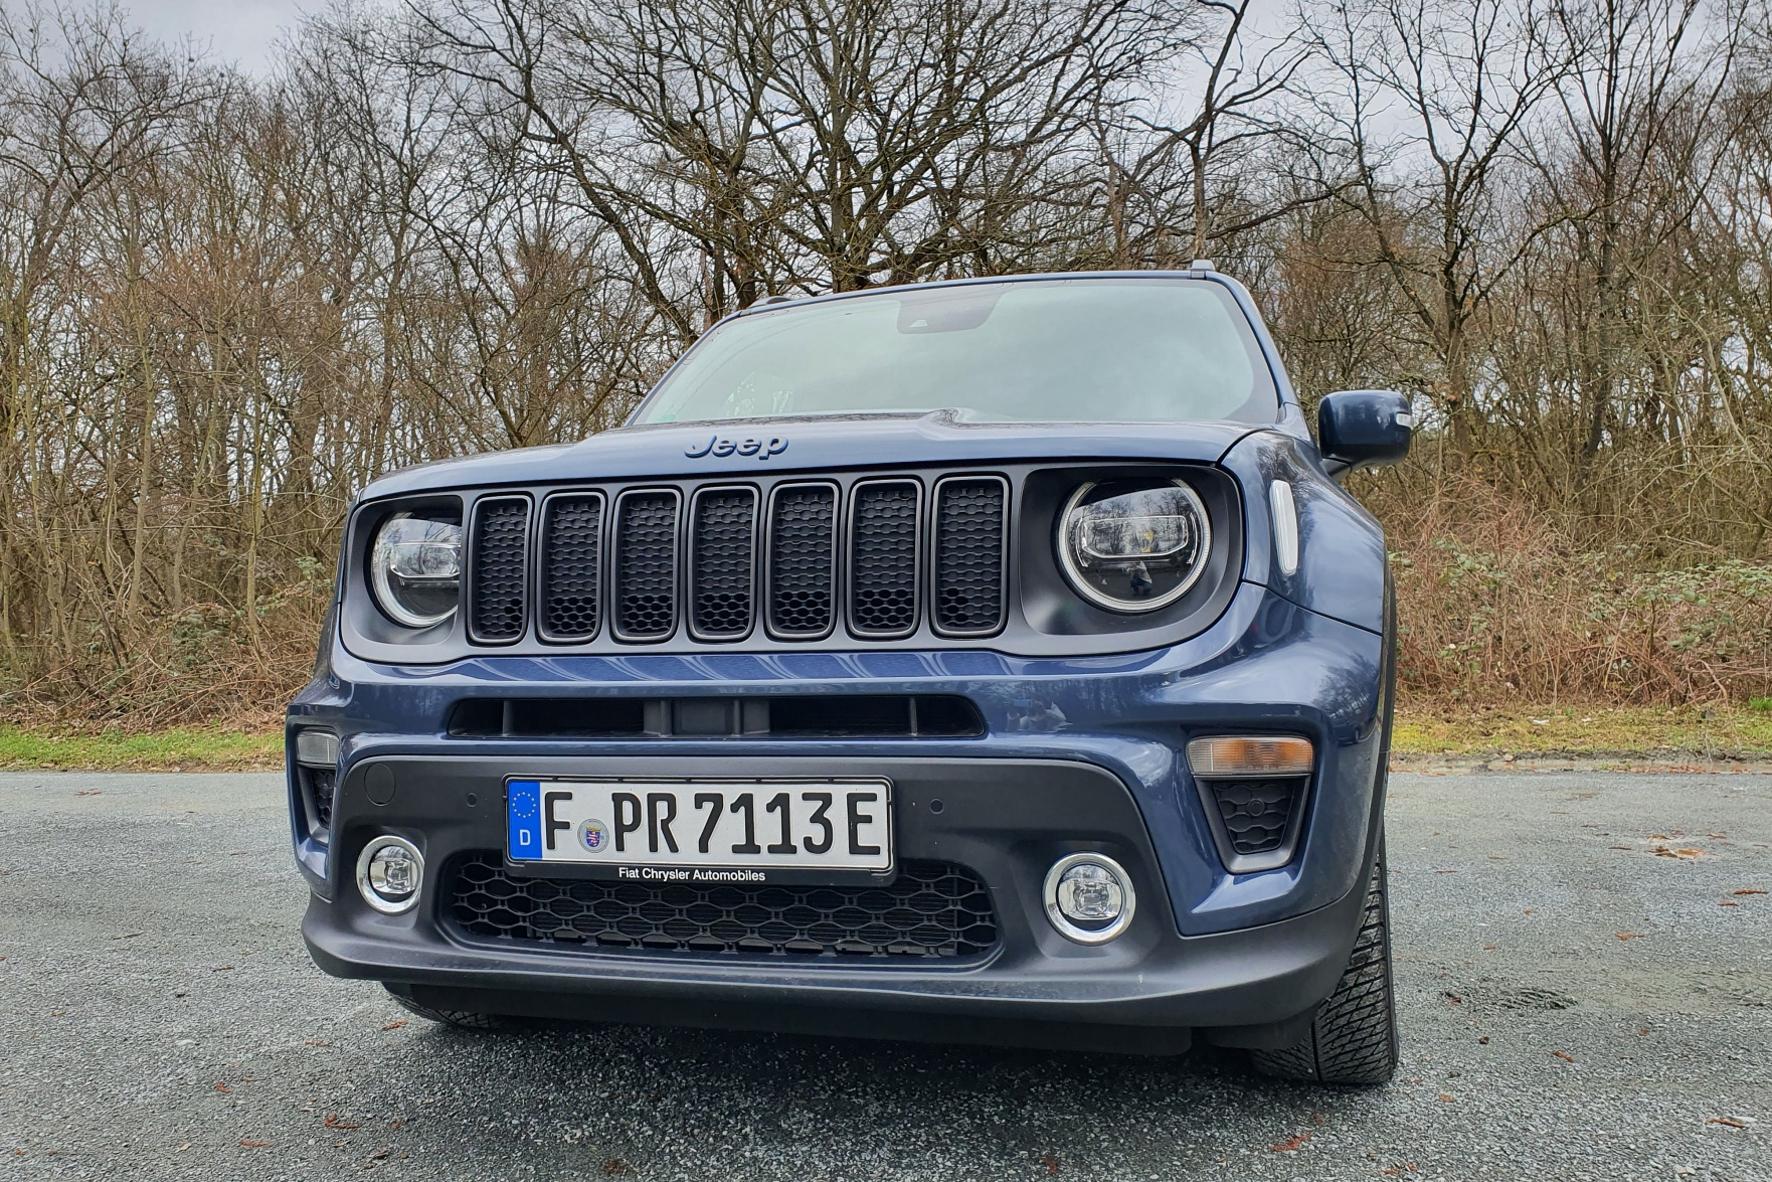 Mit neuem Modell steht der Jeep mit Stecker, nun auch im Alltag für eine neue Gattung